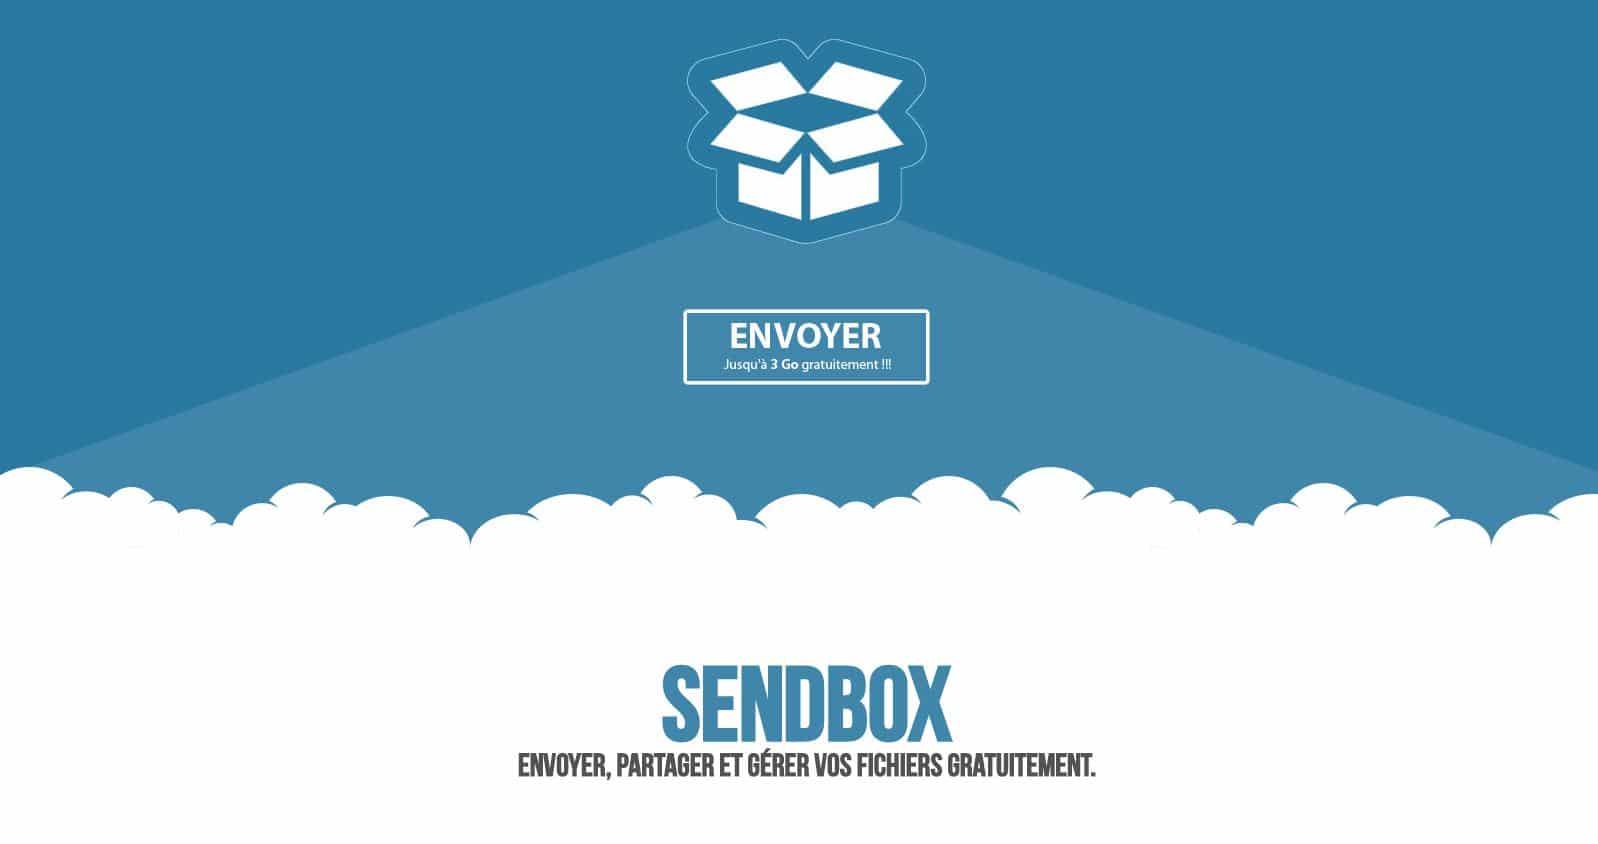 Sendbox Envoi De Gros Fichiers Recevoir Ou Envoyer De